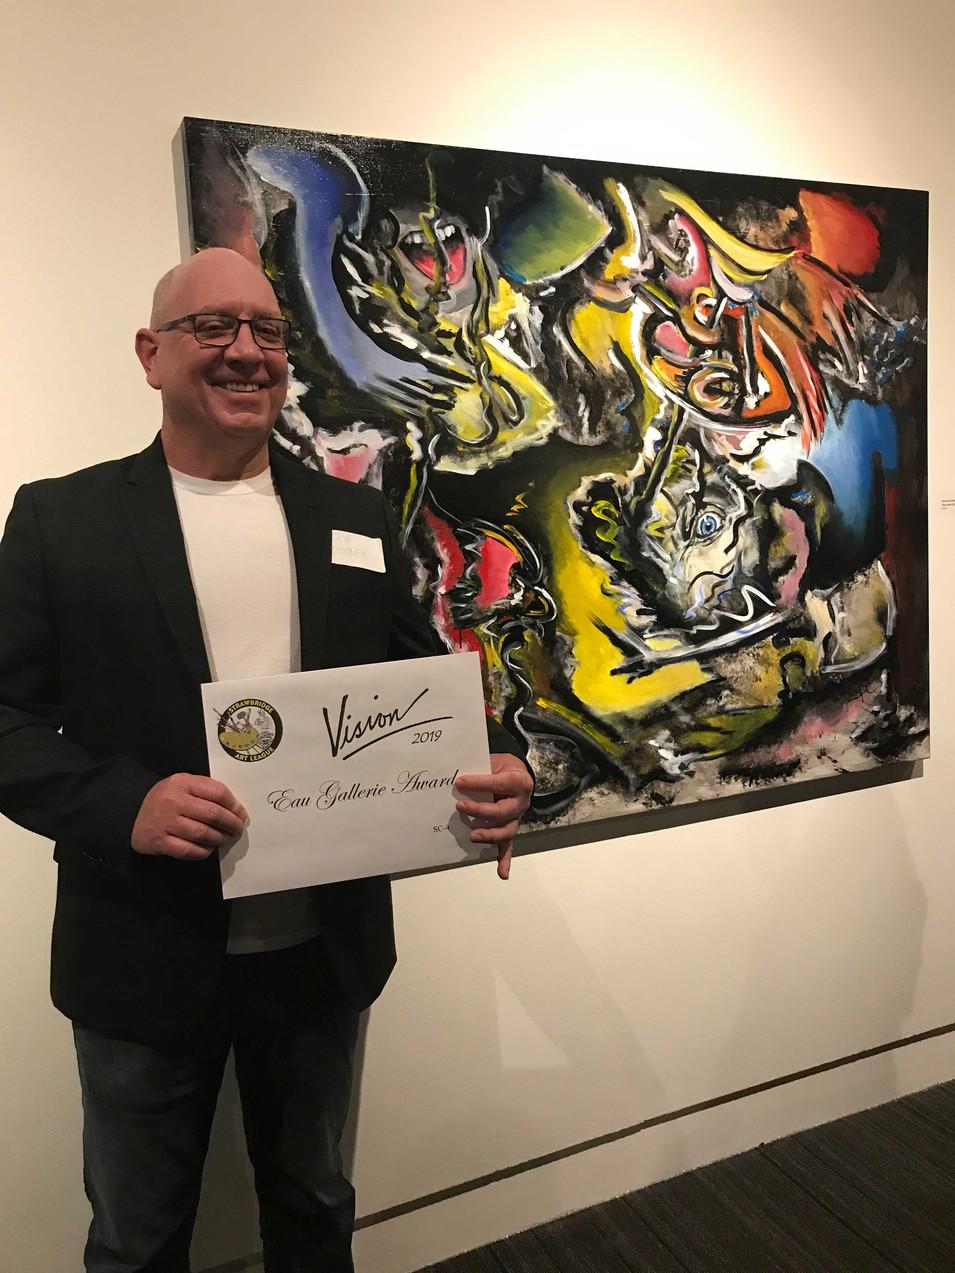 Eau Gallery Award